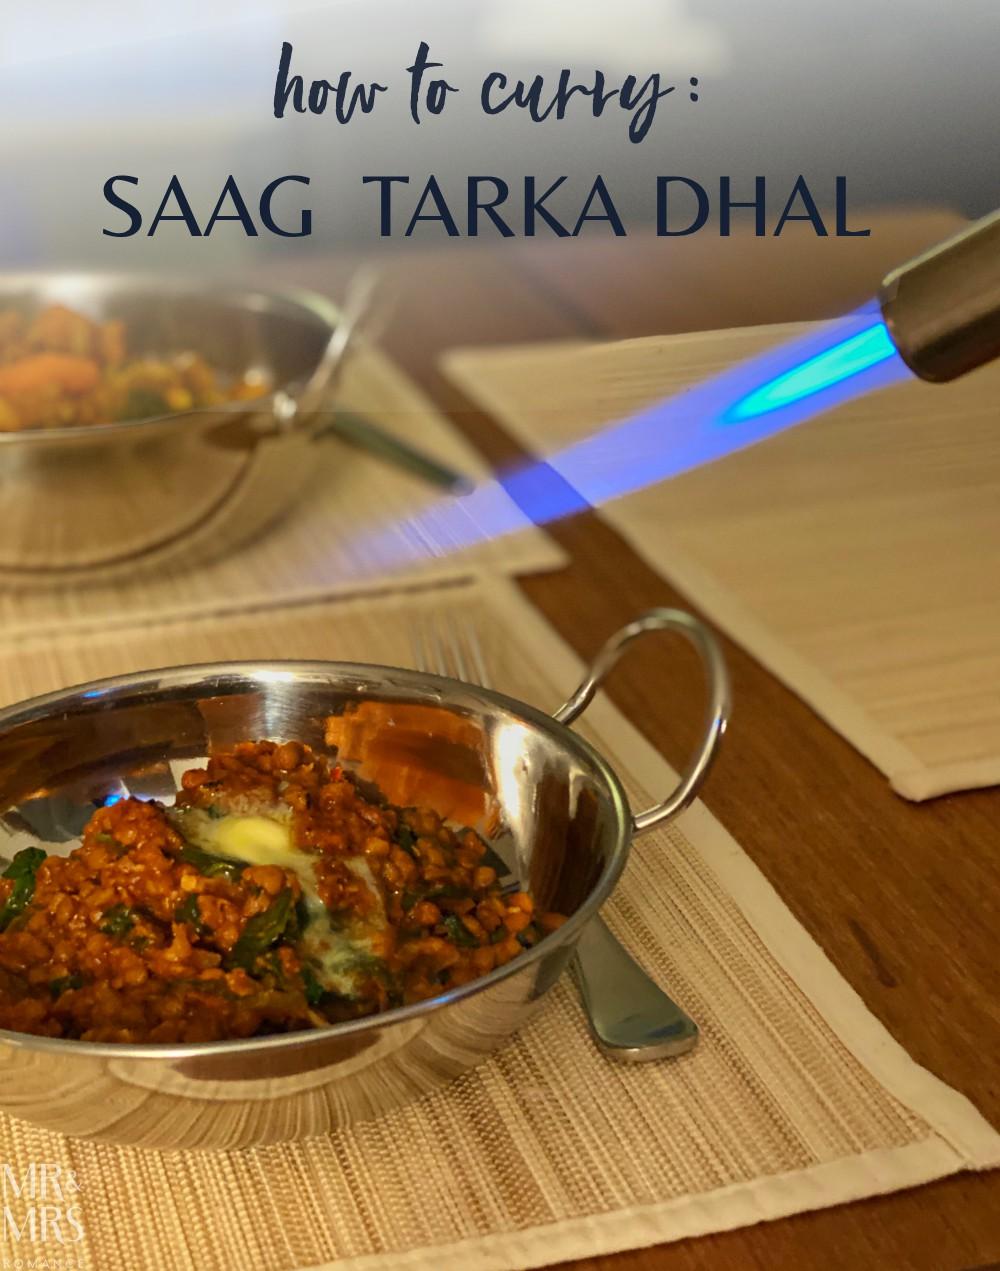 Saag tarka dhal or tarka dal